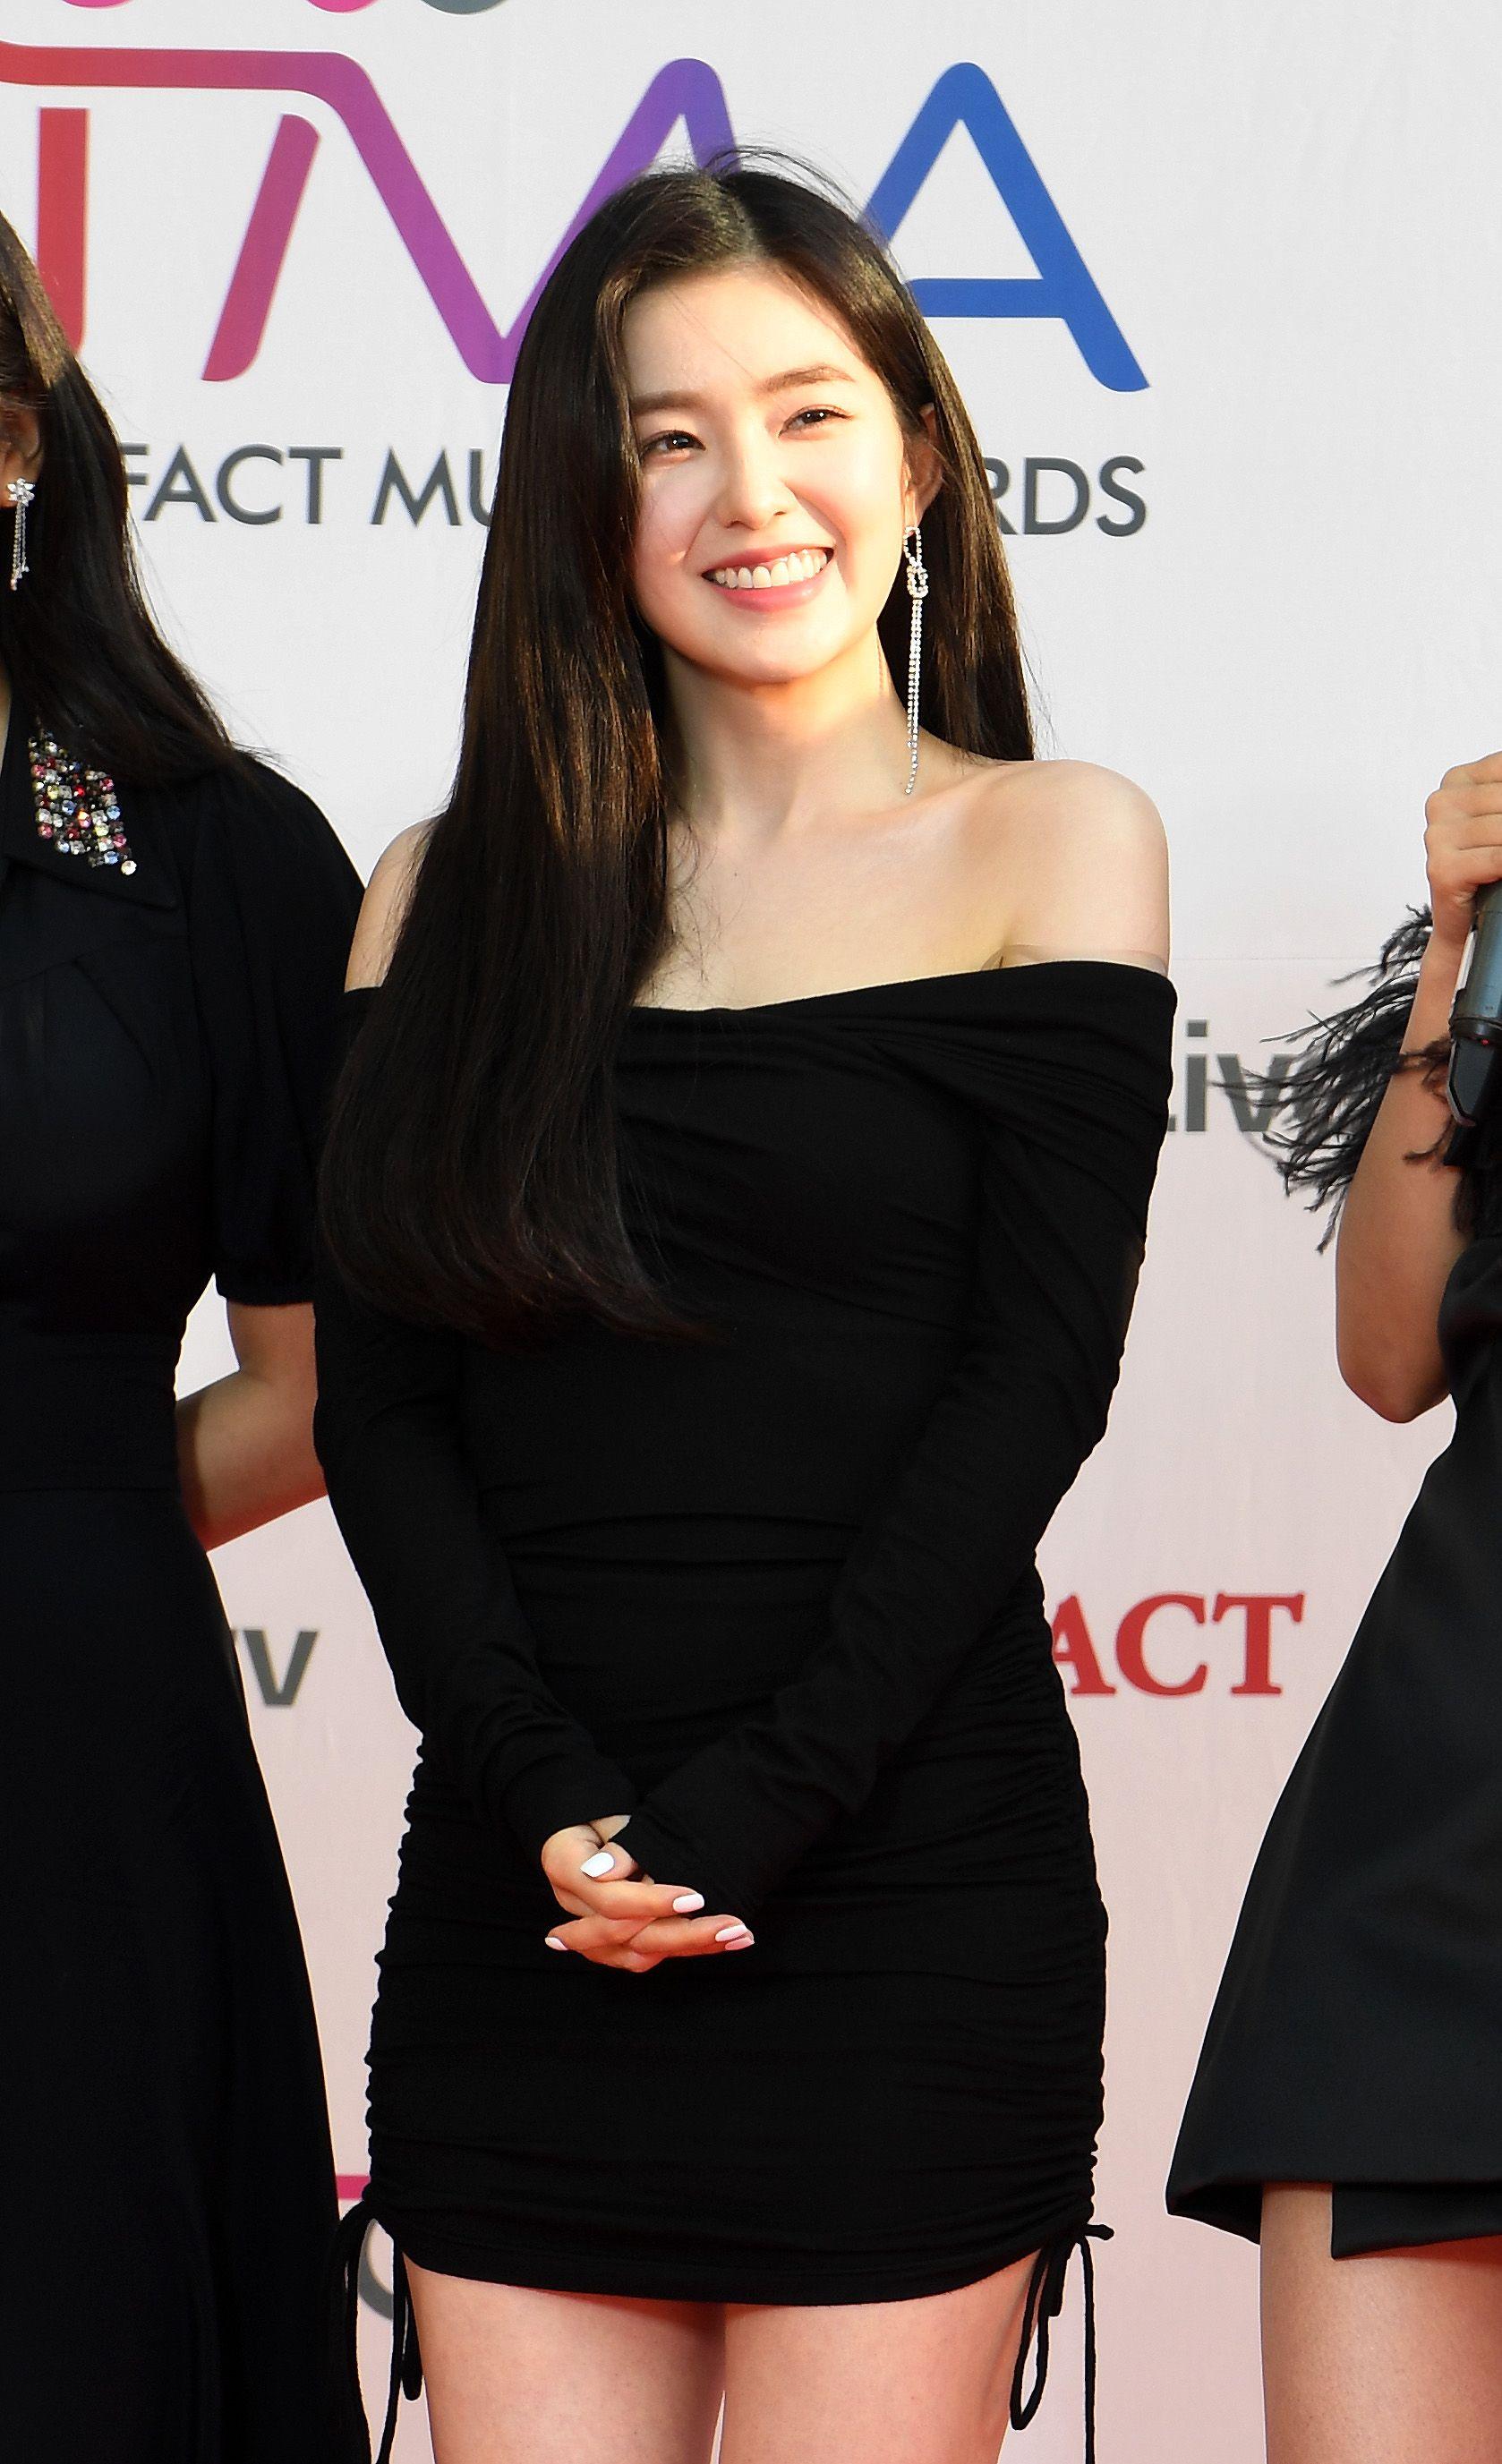 Happy Baerene Irene Kpop Kdrama Bts Exo Kpoparmy Black Dress Red Carpet Red Velvet Red Velvet Irene